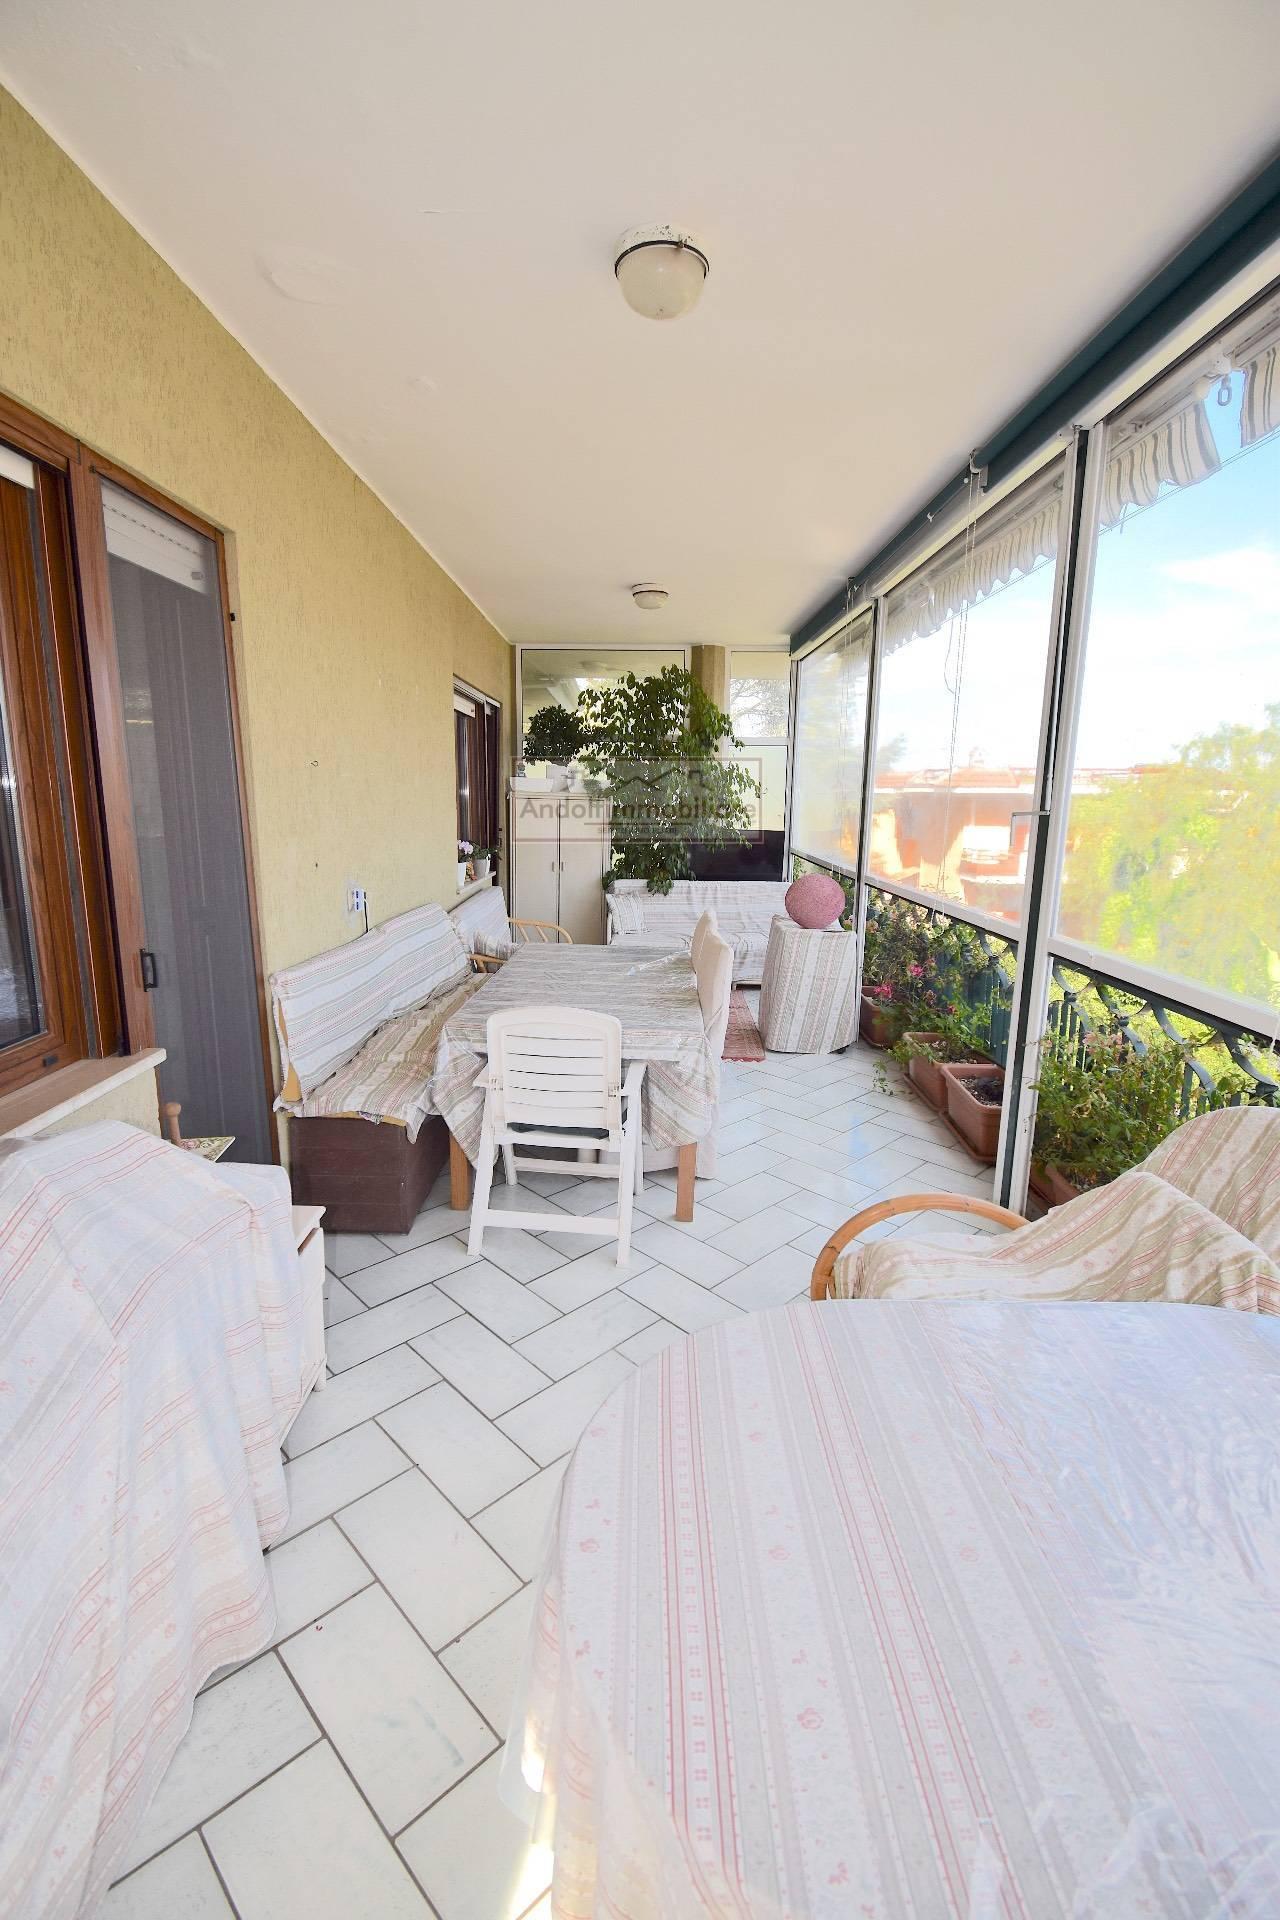 Formia Vindicio. Appartamento con terrazza a livello a 300 metri dal mare.